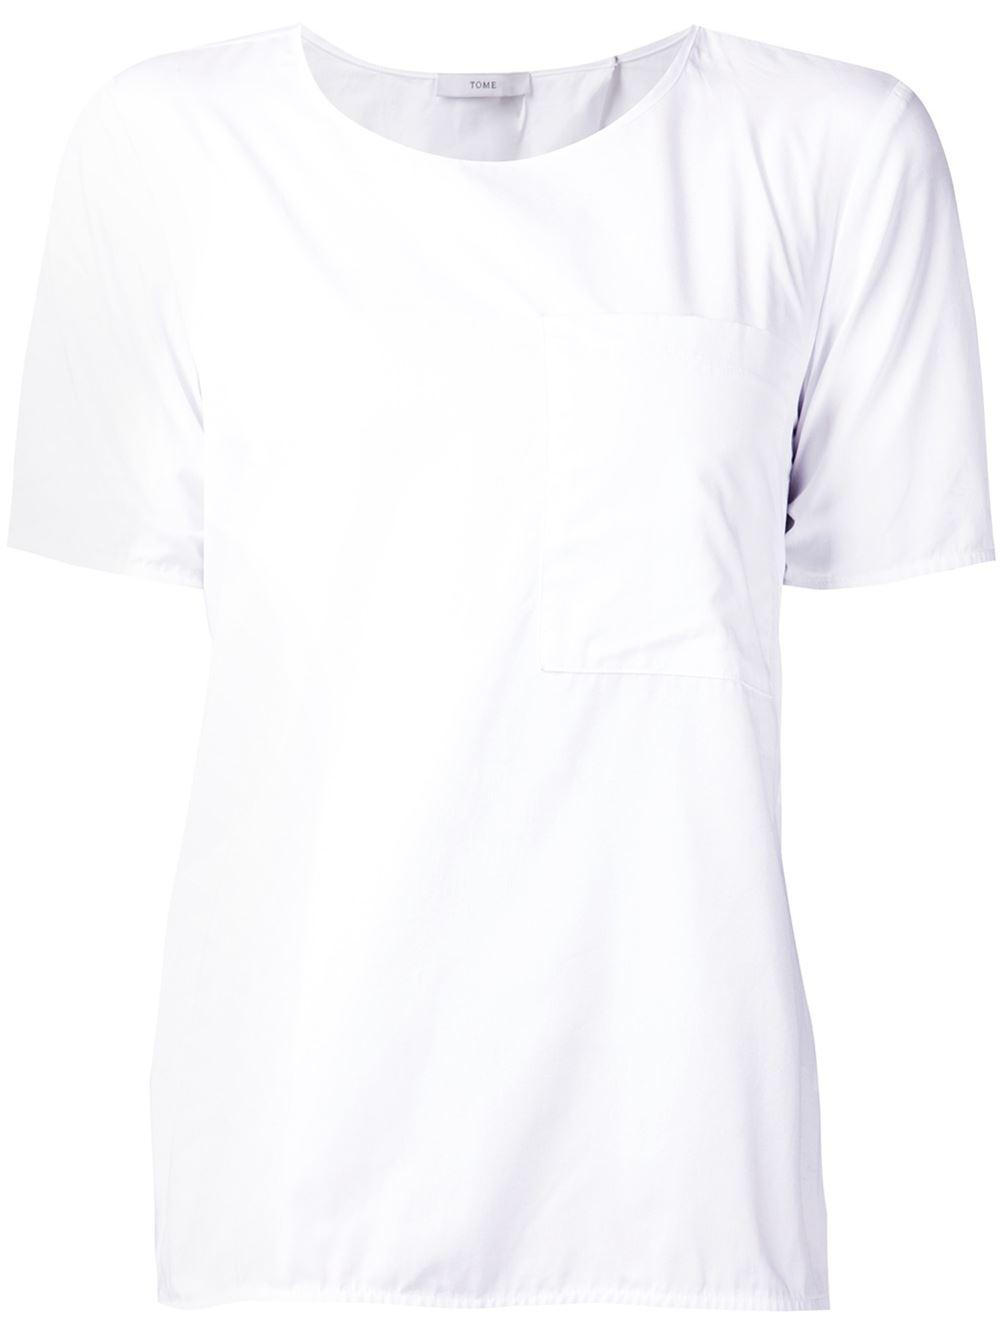 Black t shirt white cross on back - Gallery